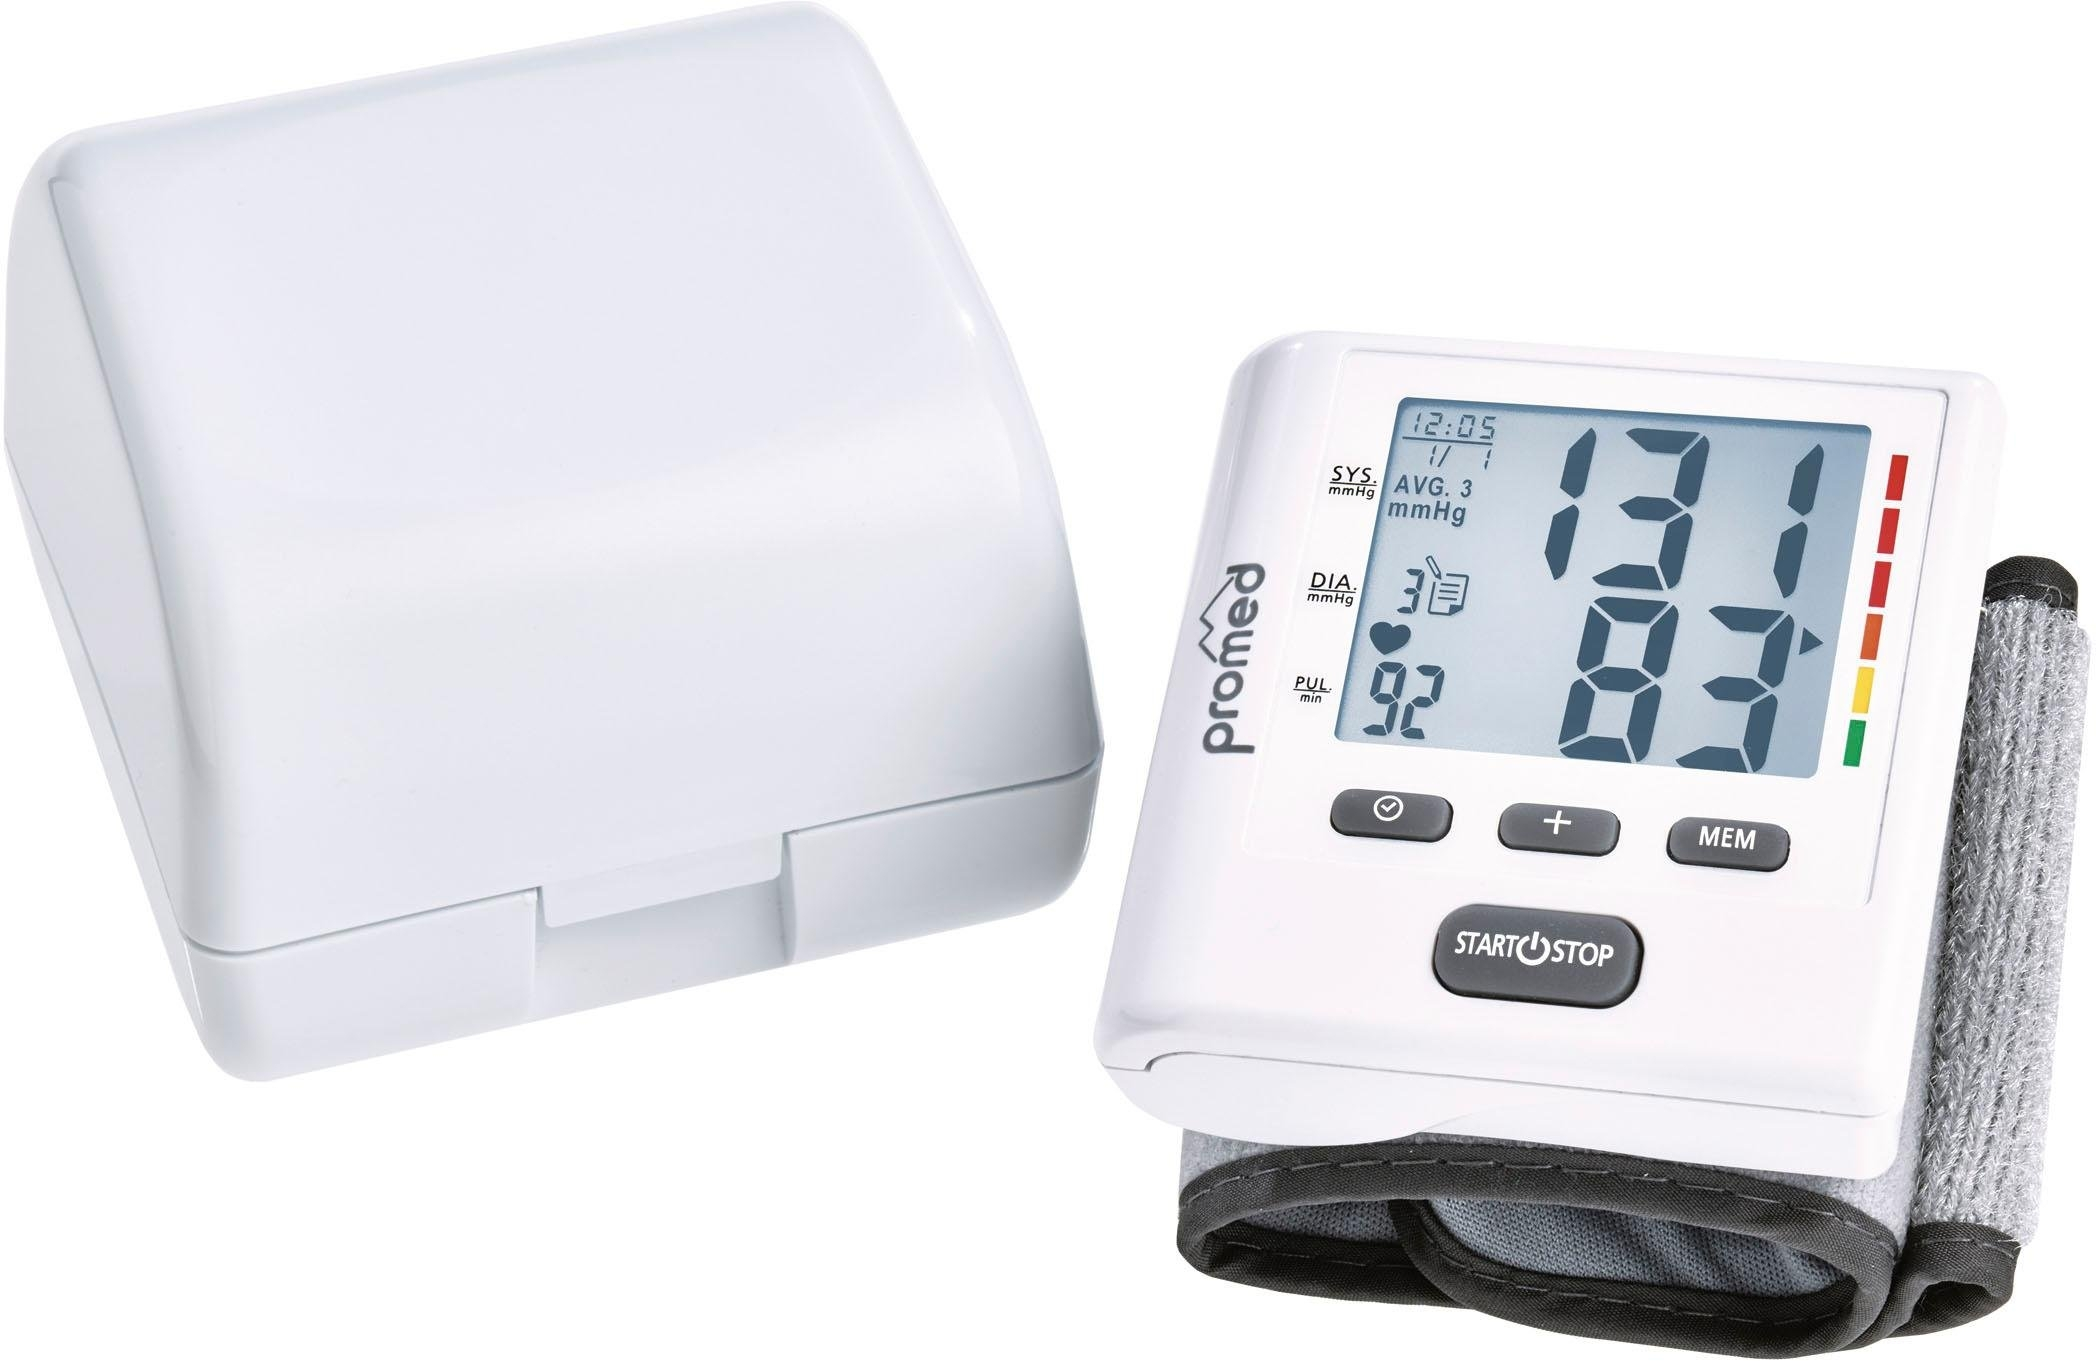 promed pols-bloeddrukmeter HGP-50 nu online kopen bij OTTO